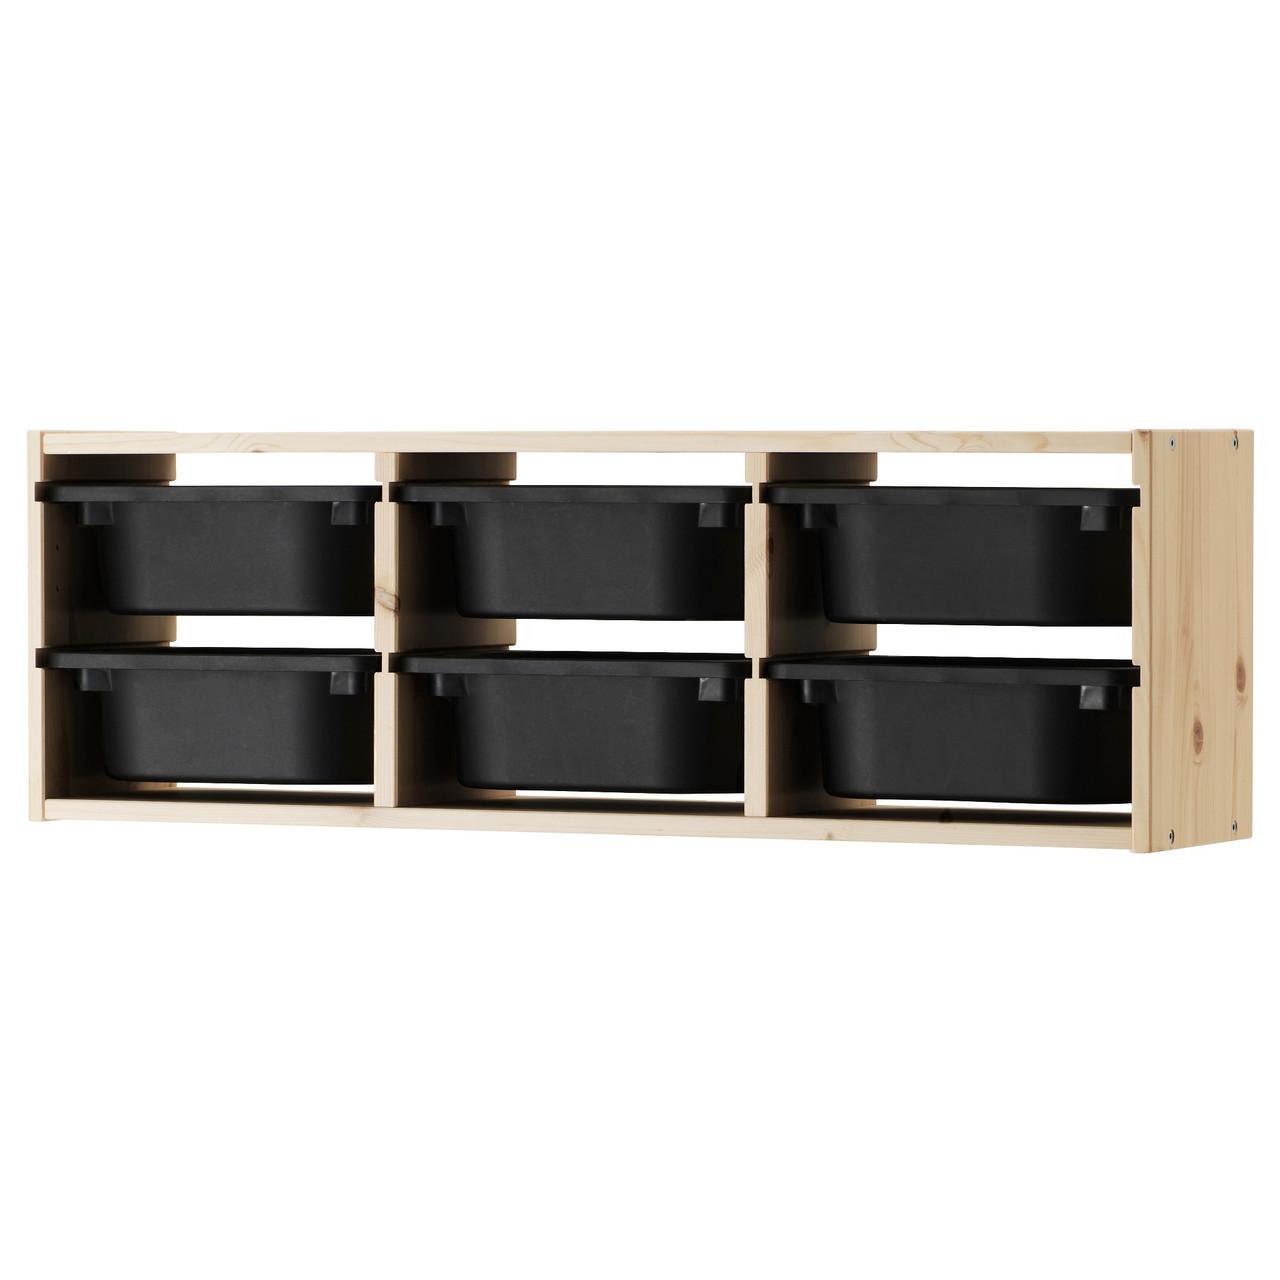 TROFAST Шкаф навесной, сосна, черный 891.023.40